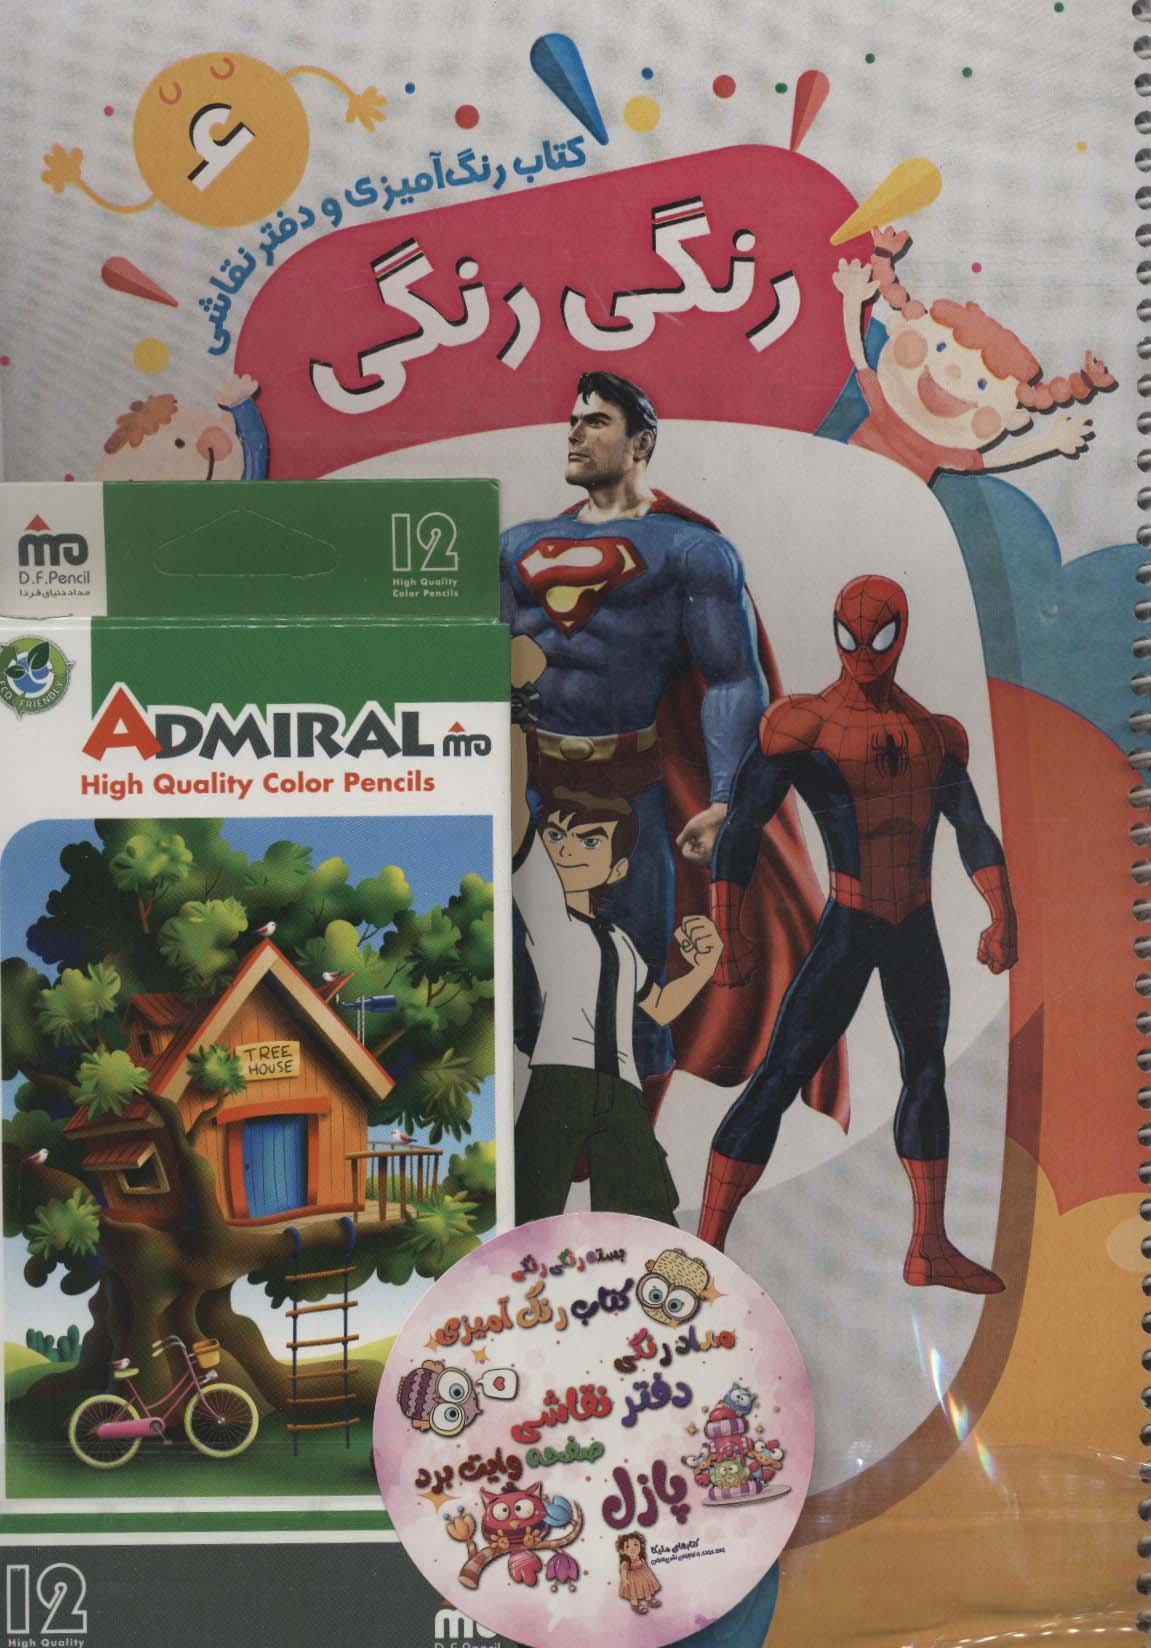 بسته رنگی رنگی 6 (دفتر رنگ آمیزی و نقاشی،پازل بن تن 24 تکه،مداد رنگی)